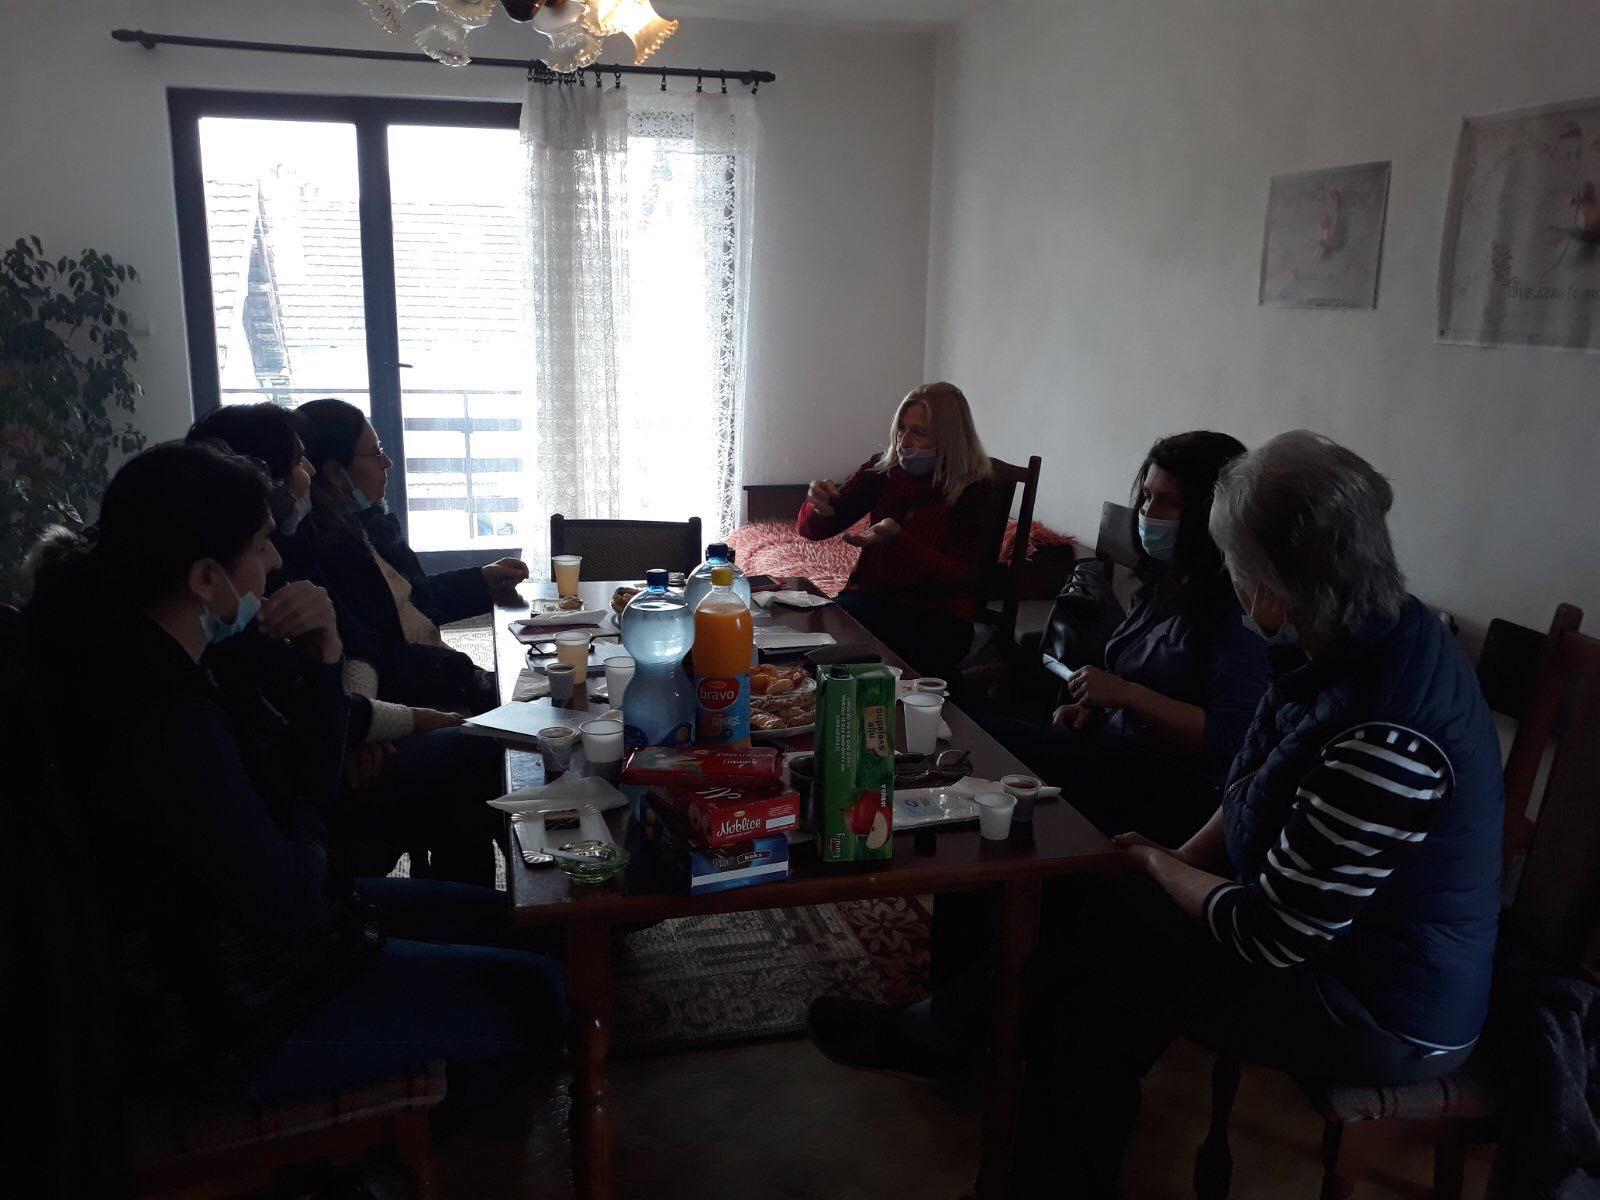 Udruzenje zena Pescanik - Radionica o nasilju nad ženama u Parunovcu